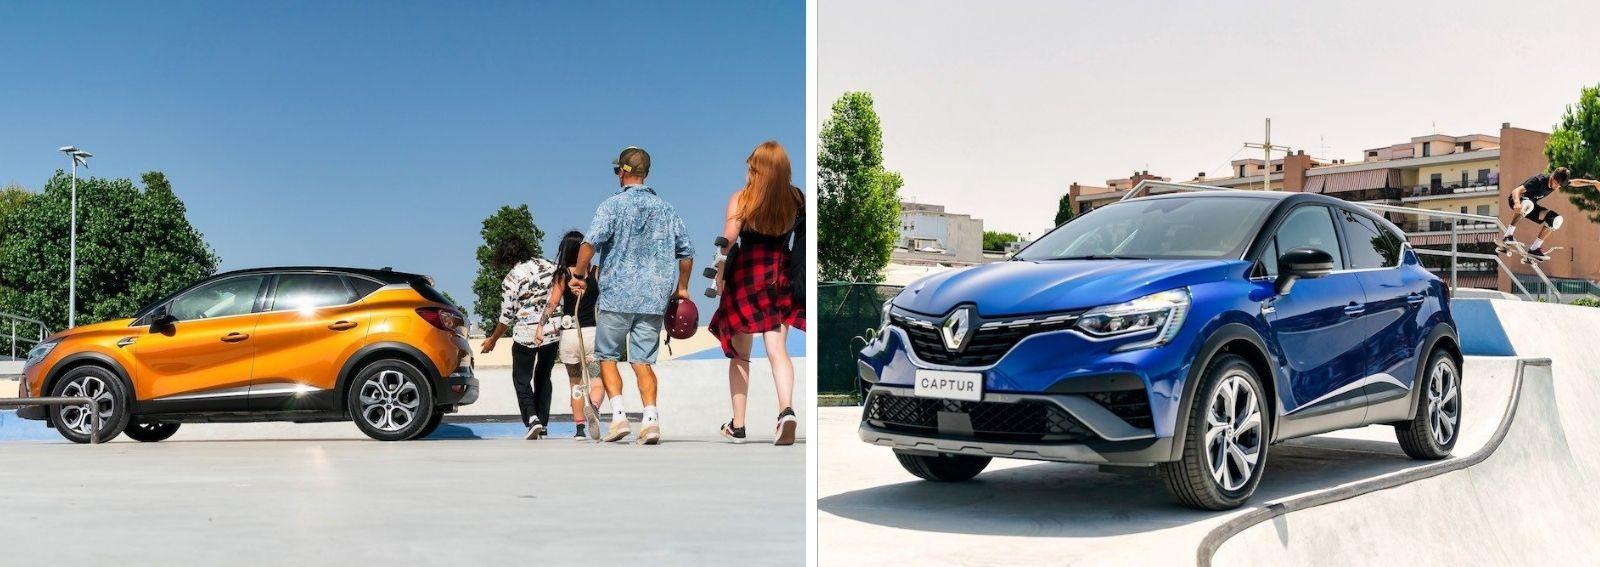 Renault hero DESK